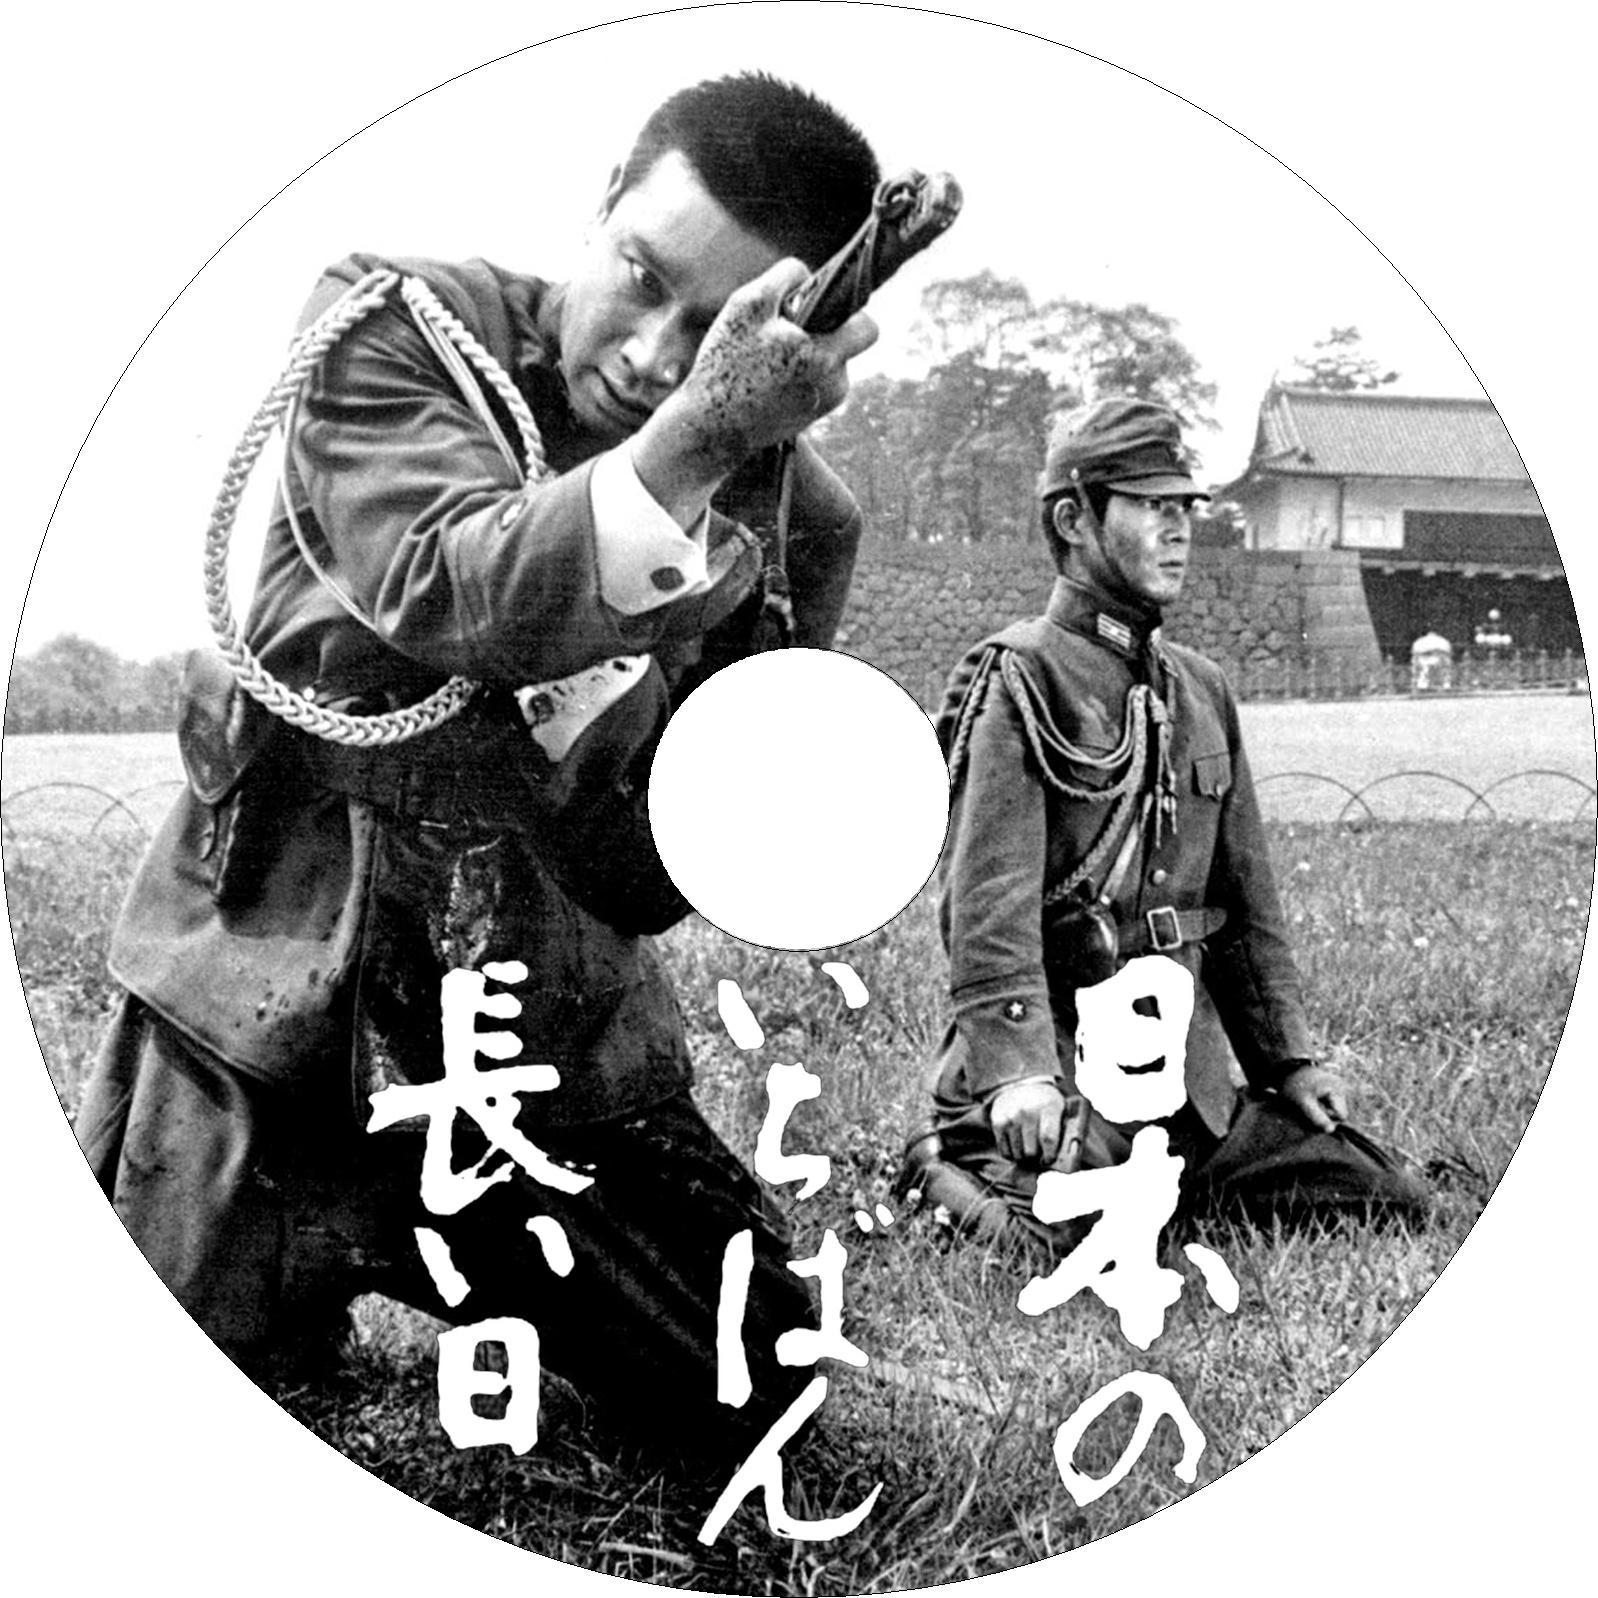 日本のいちばん長い日 ラベル2